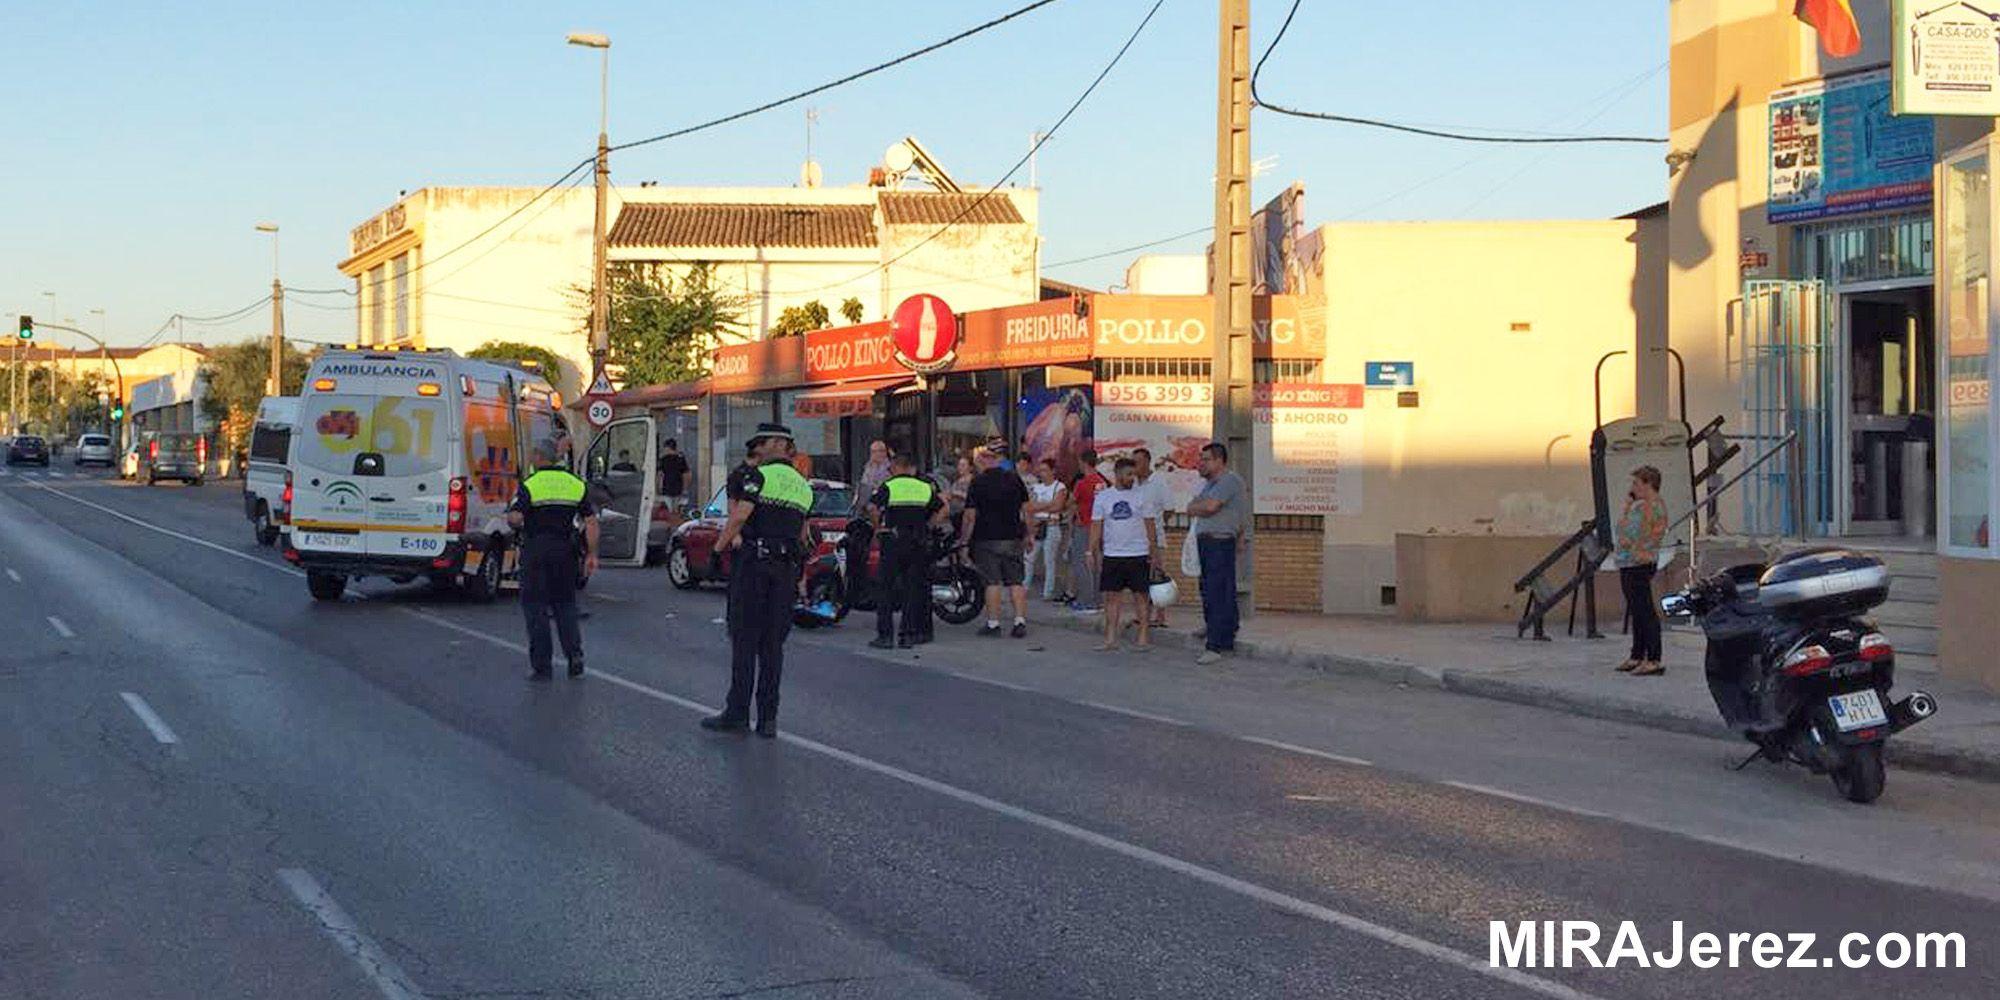 Accidente Las Delicias Jerez 2